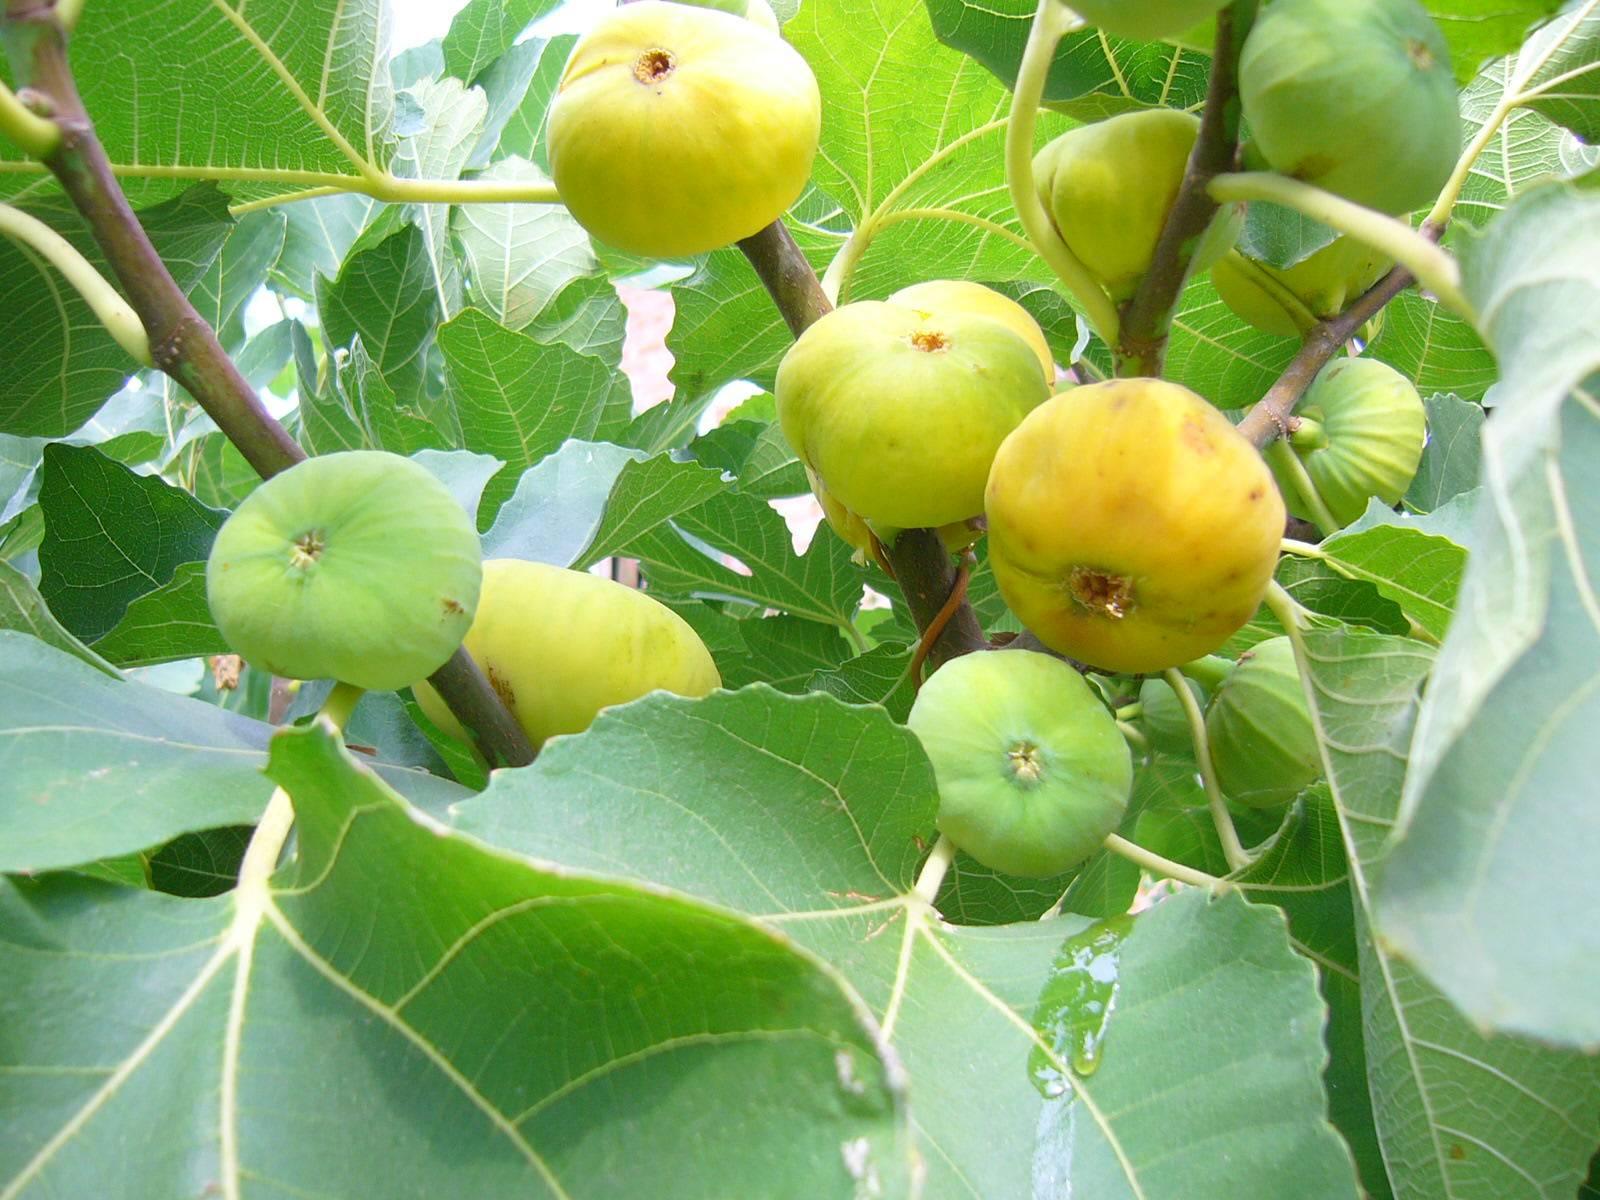 Выращиваем инжир: два способа размножения фигового дерева